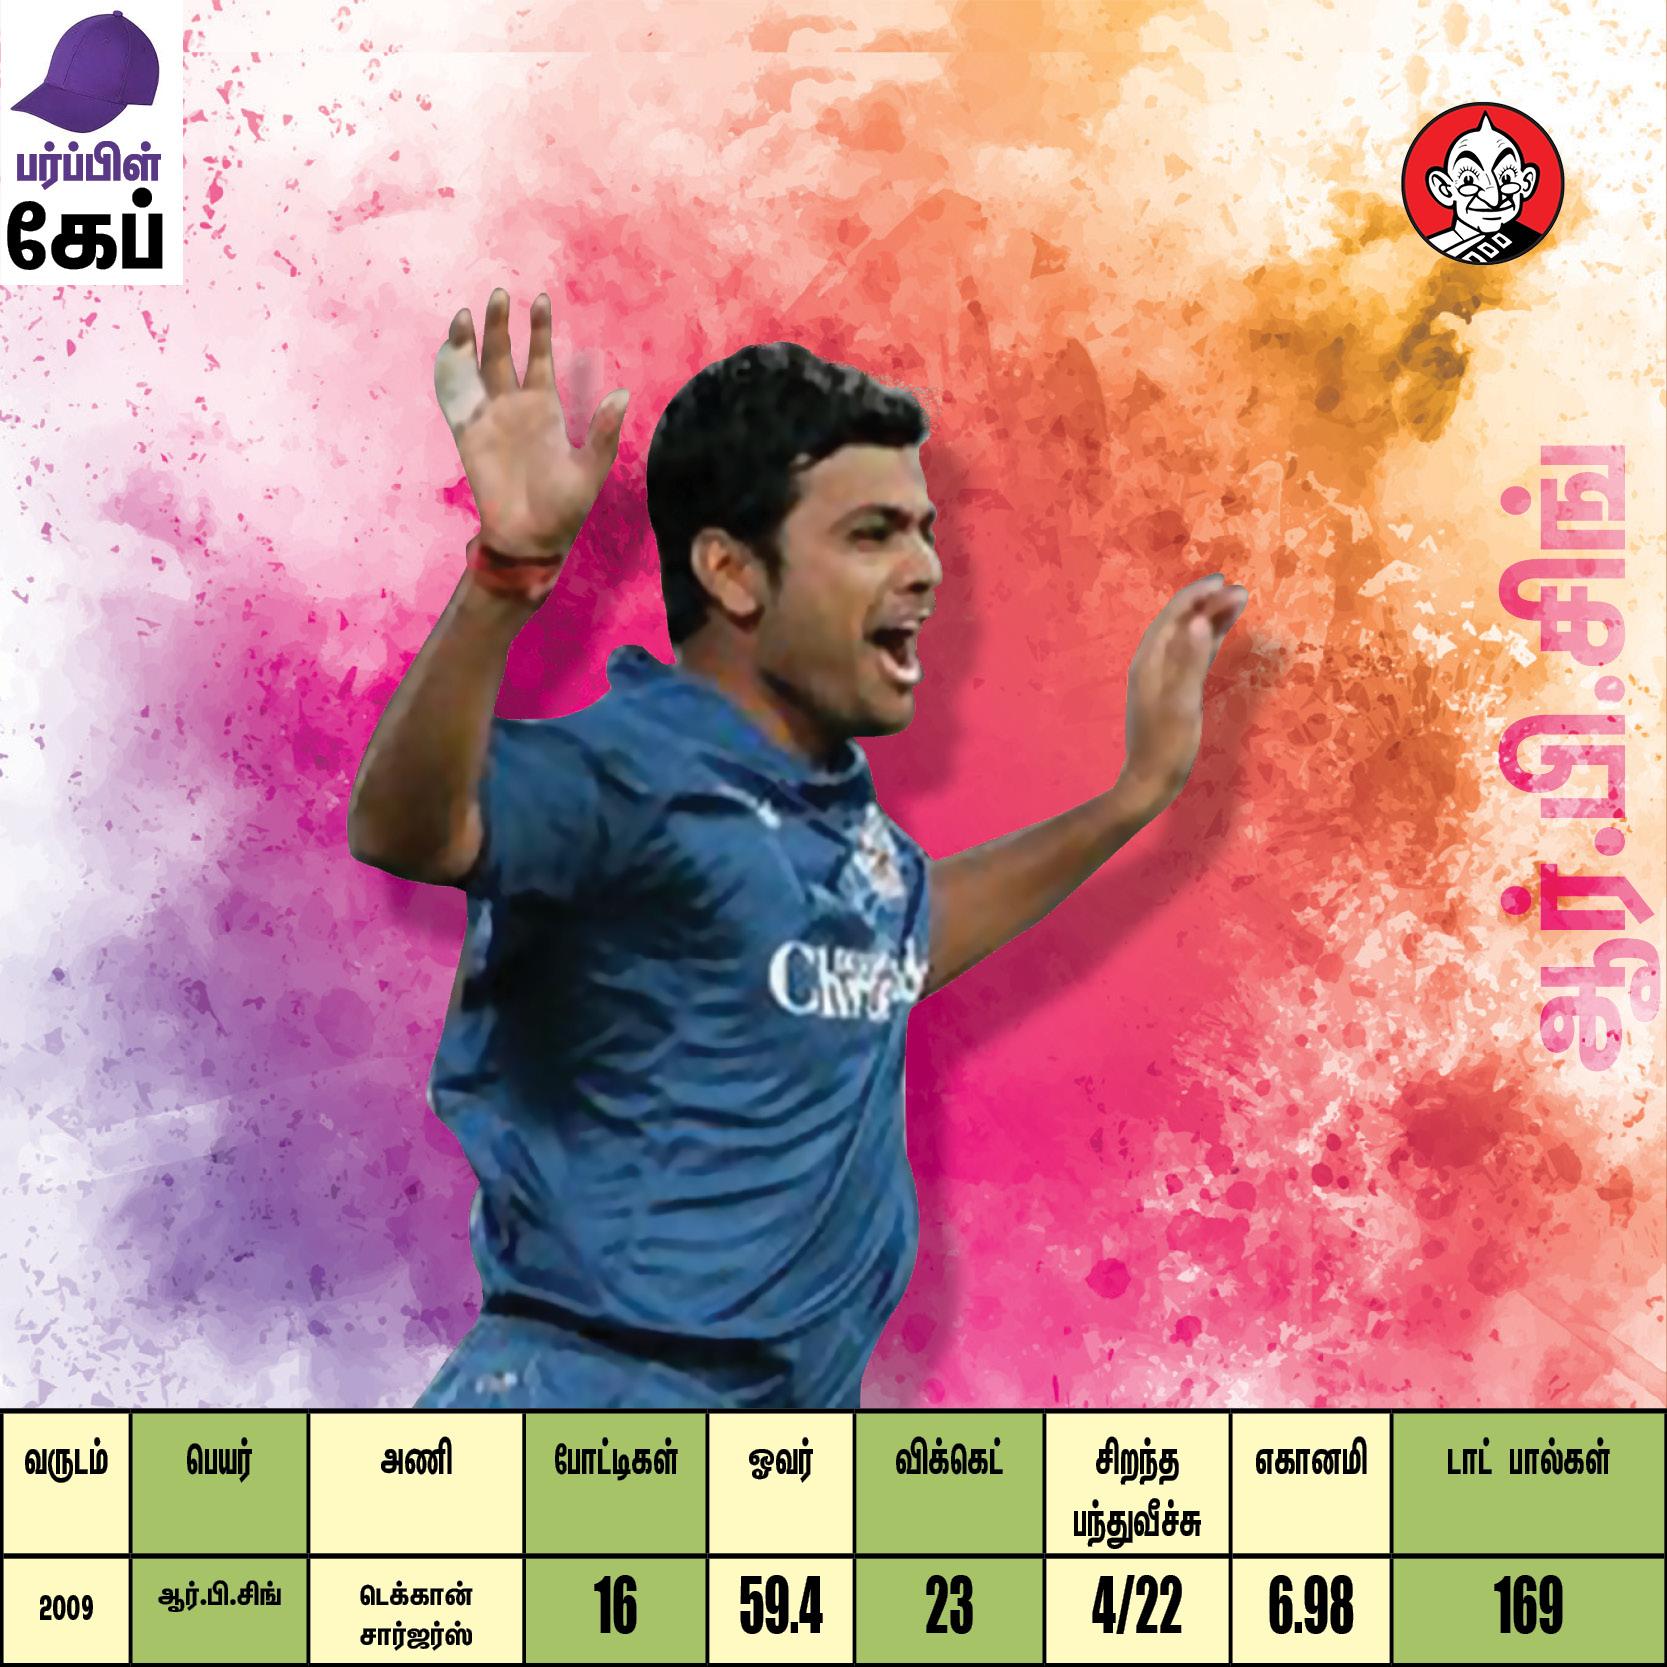 சச்சின் முதல்  பிராவோ வரை... ஆரஞ்ச் கேப்... பர்பிள் கேப்... இதுவரை யார் யார்..? #IPLstats #VikatanPhotoCards